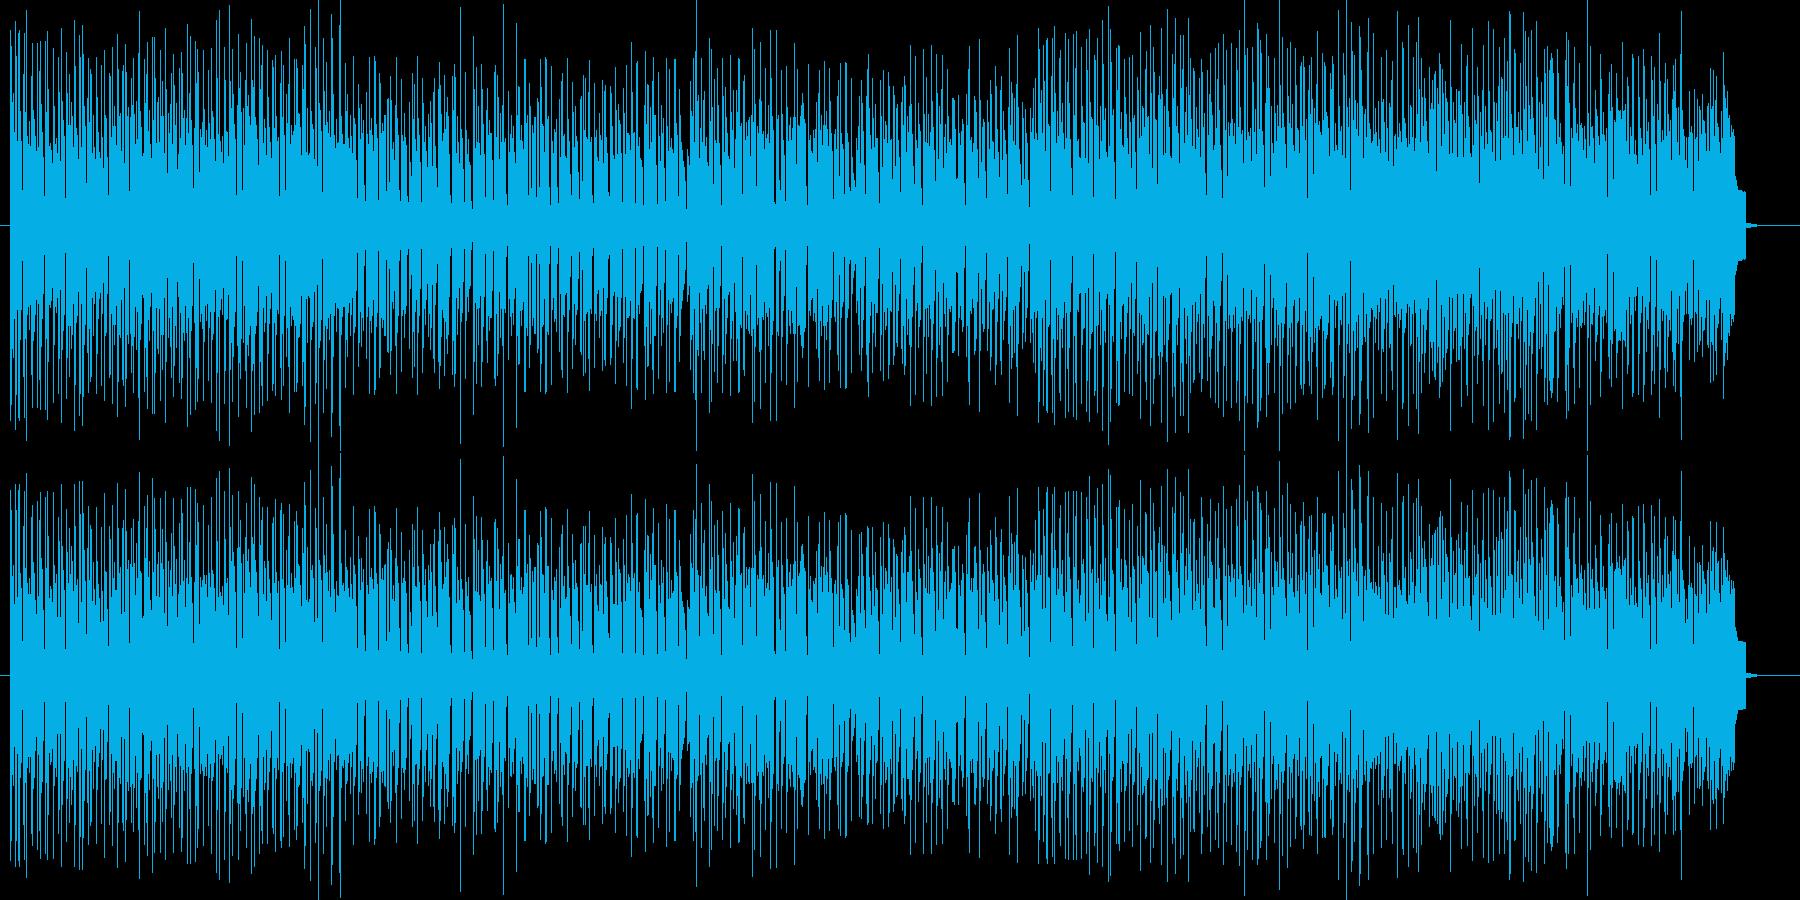 ノリノリのテンポのテクノポップスの再生済みの波形